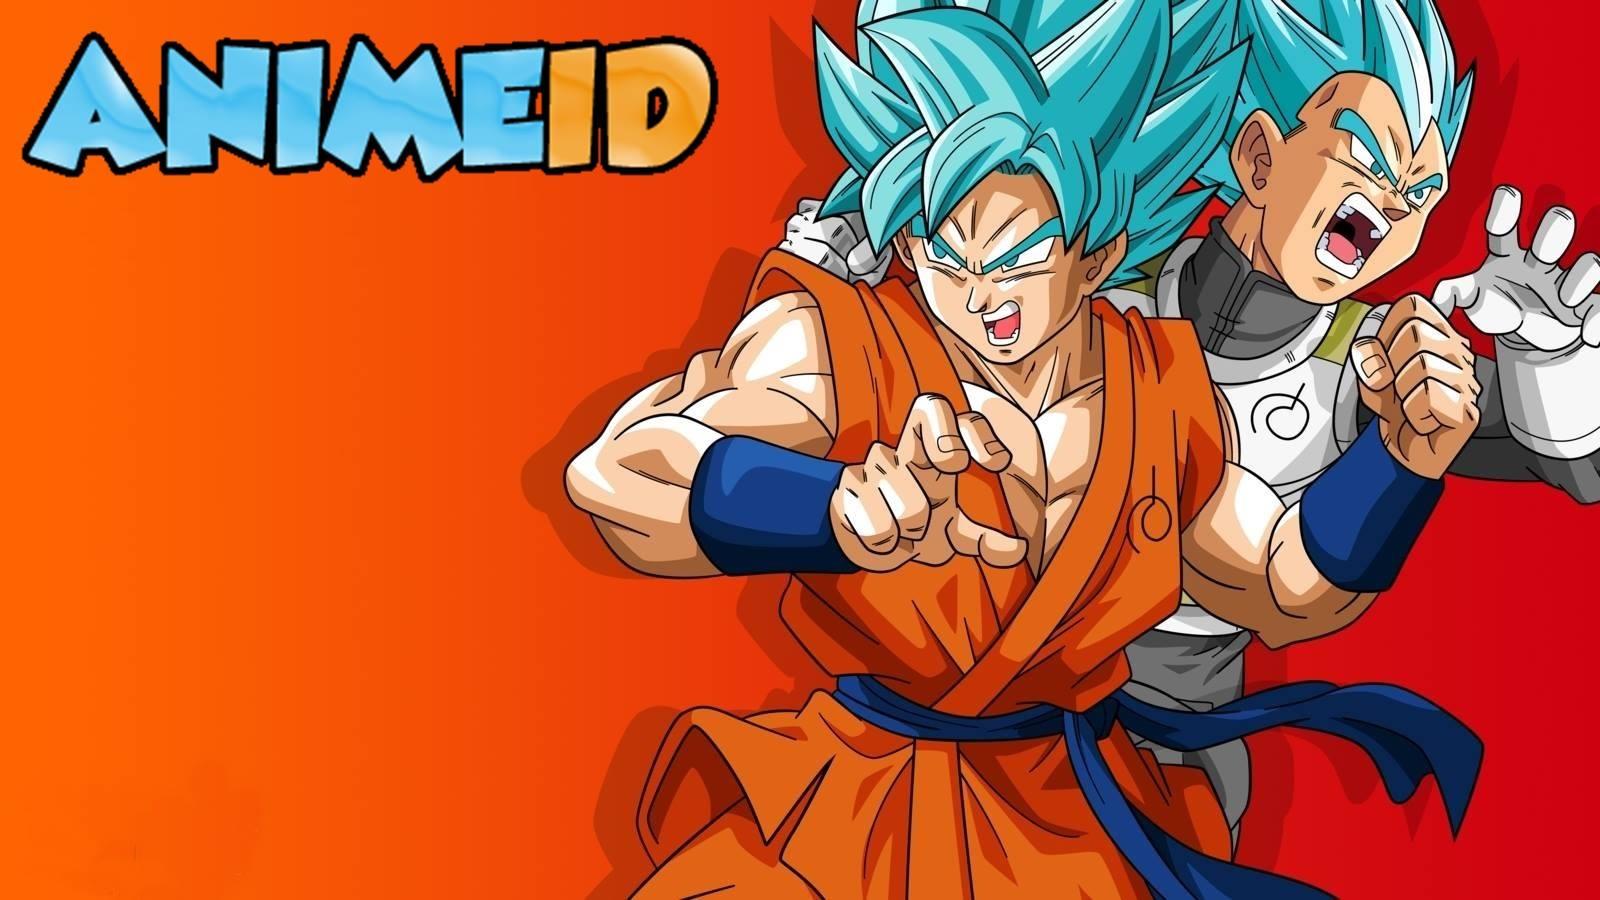 Ver Anime Online En HD Y Con Subtitulos Espanol